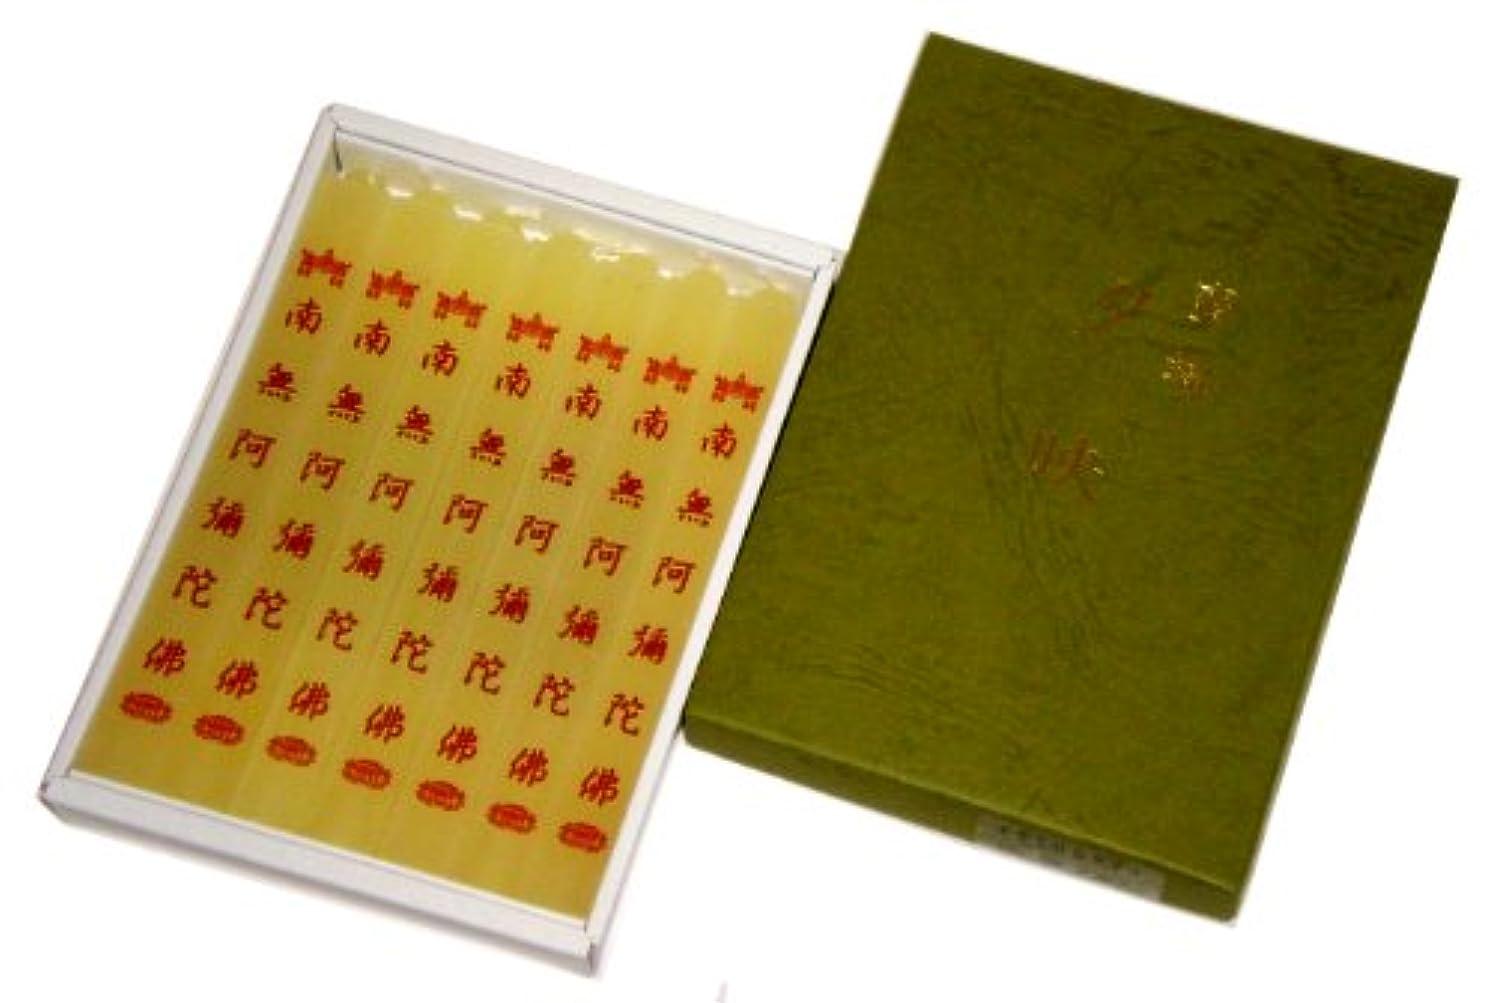 収穫演劇薄暗い鳥居のローソク 蜜蝋夕映 陀仏 7本入 紙箱 #100711